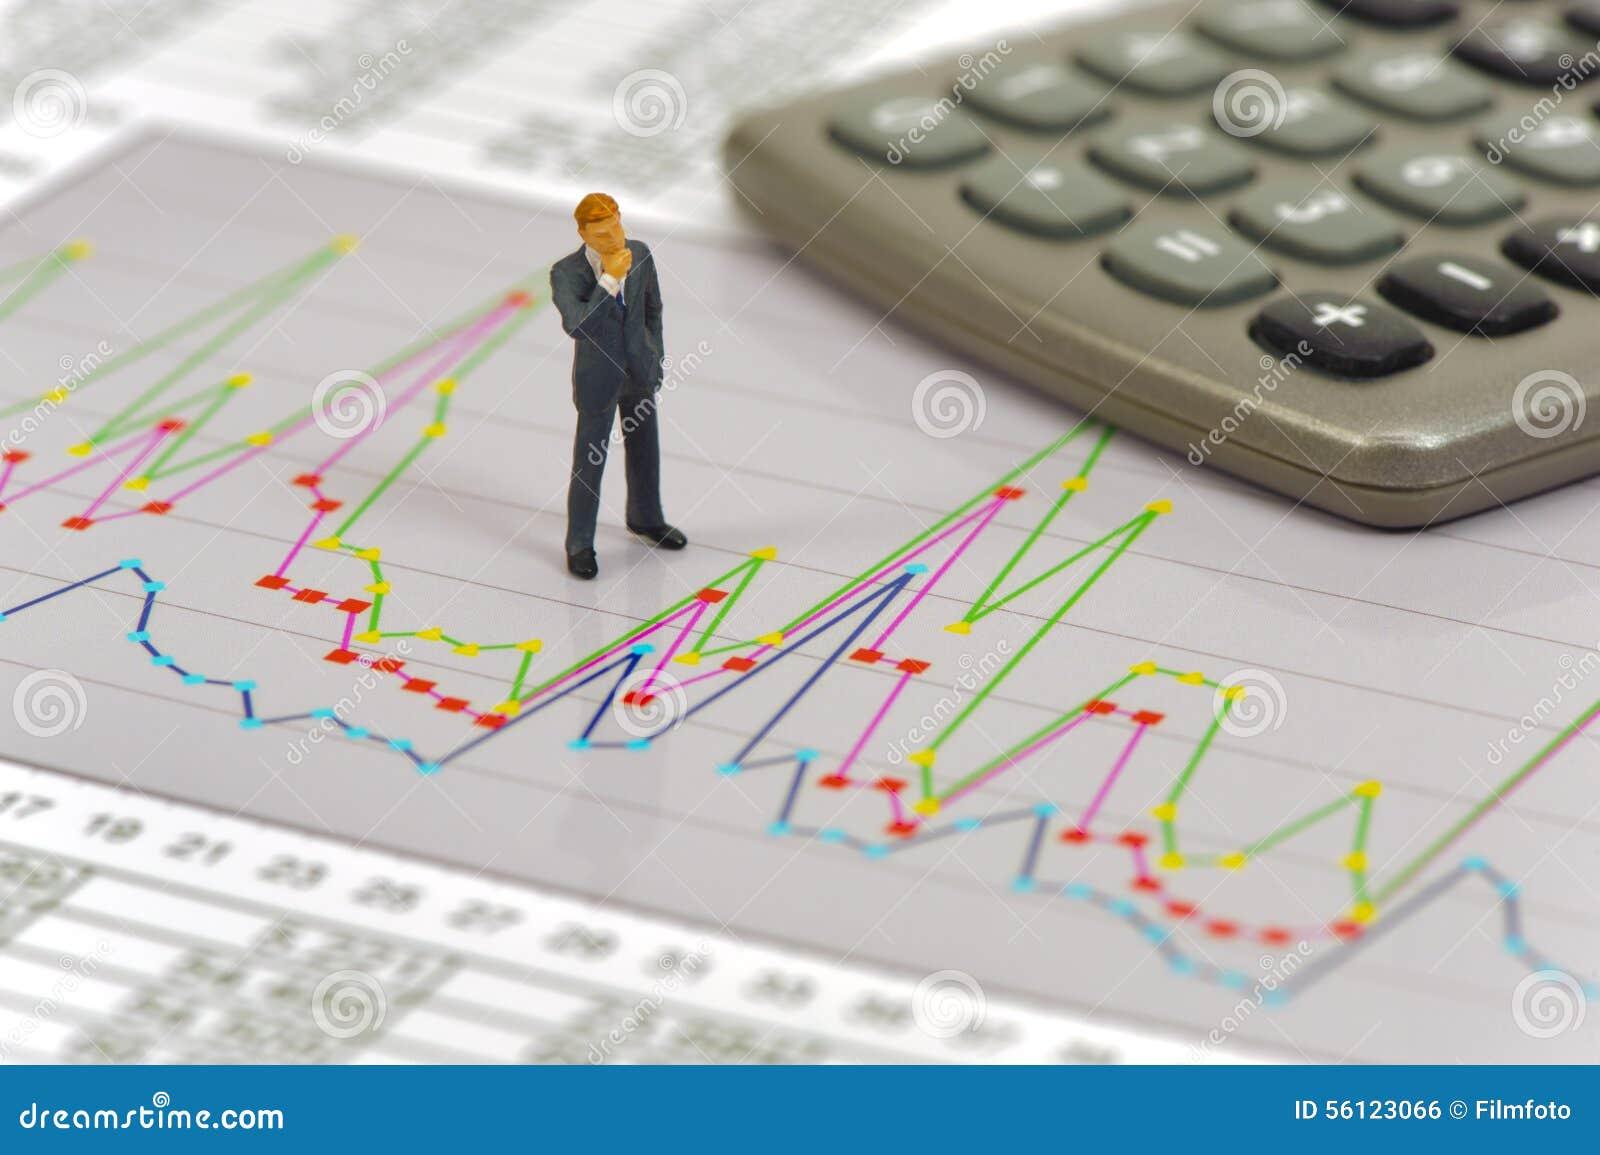 Υπολογισμός χρηματοδότησης και προϋπολογισμών